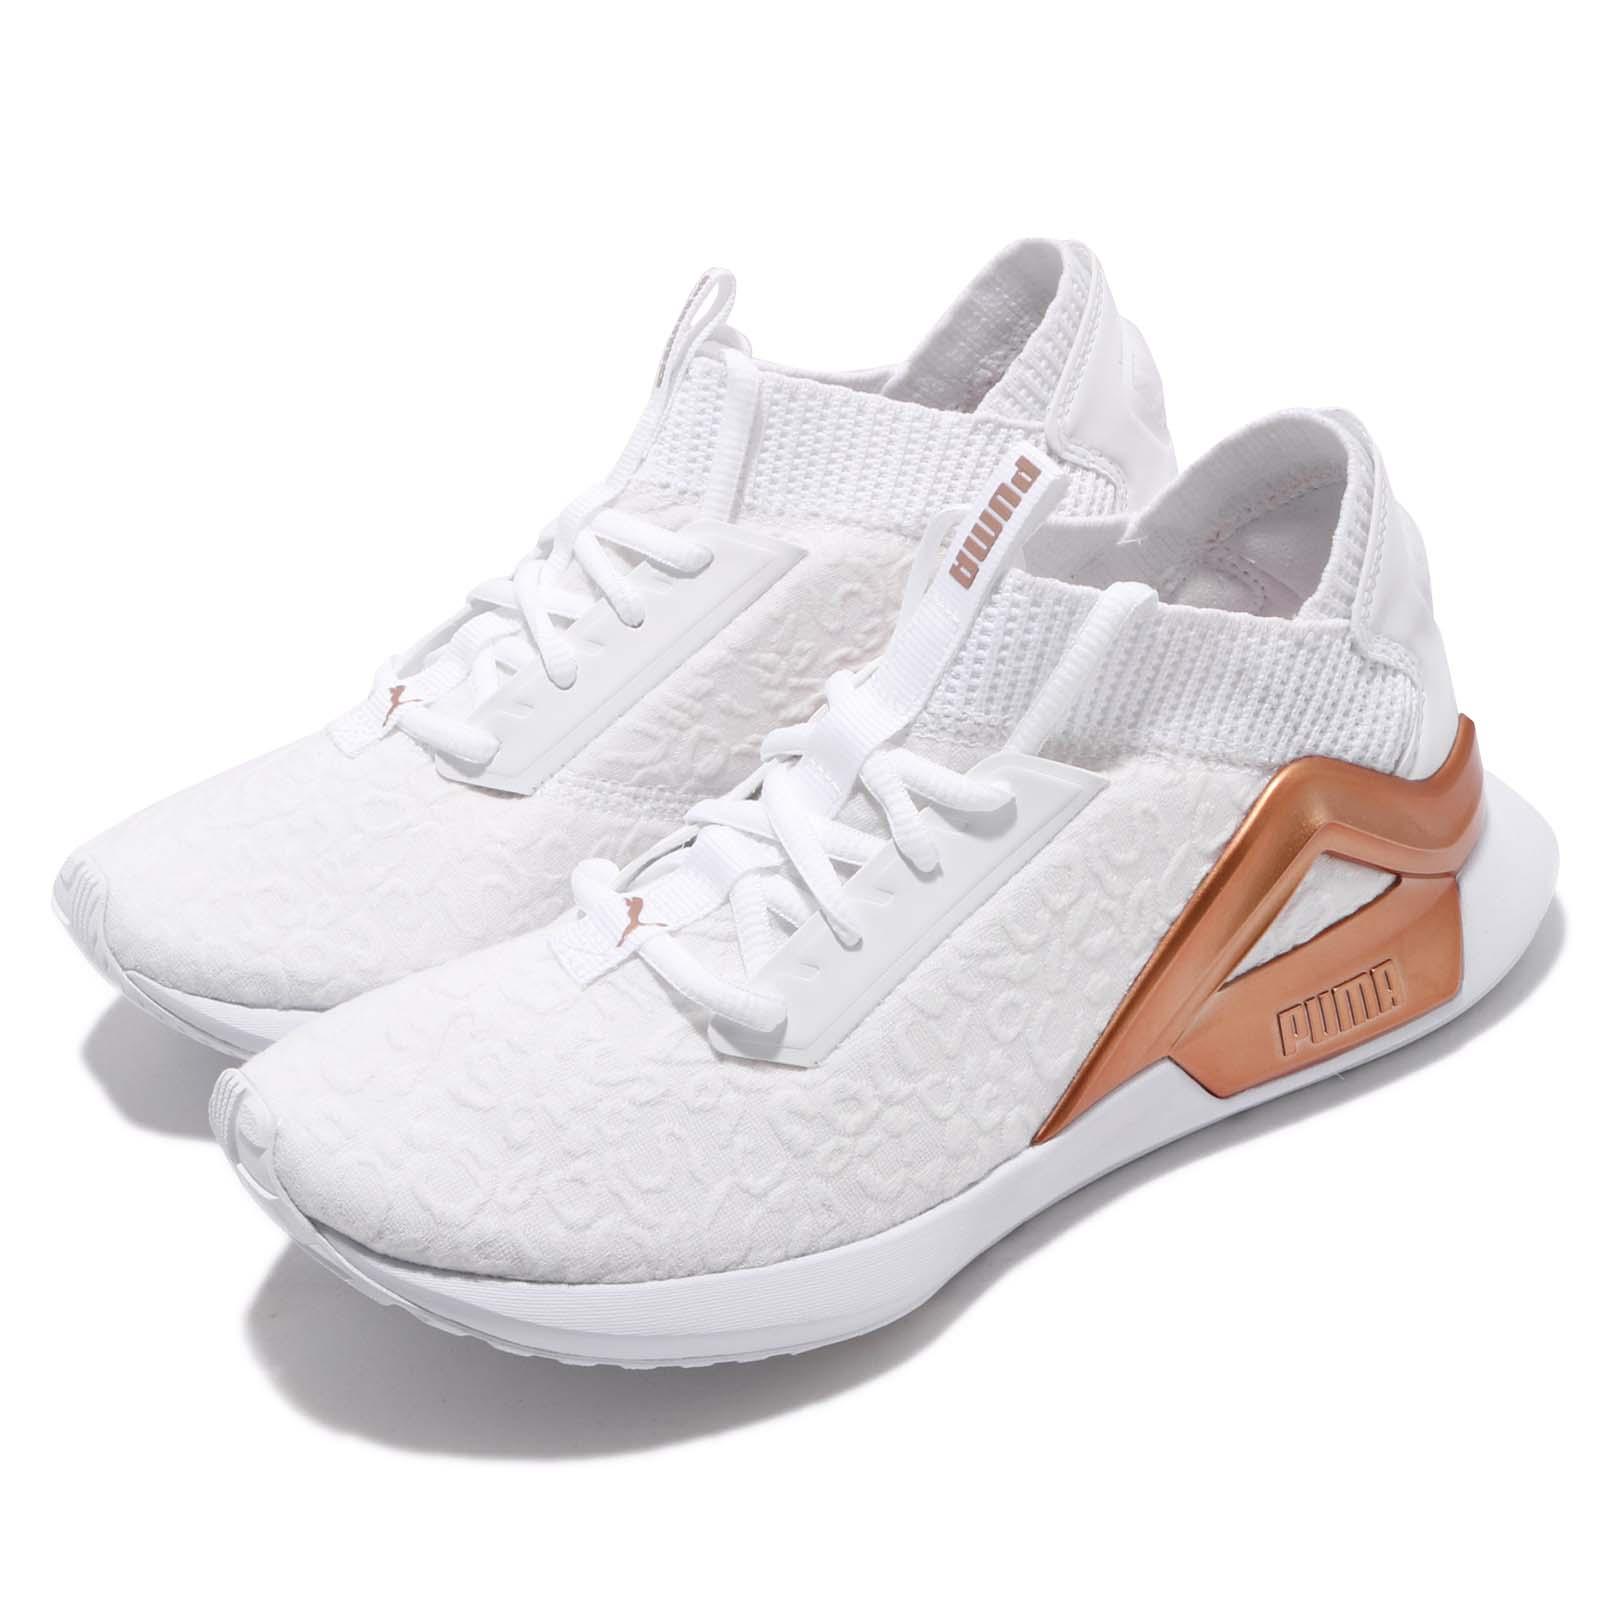 Puma 訓練鞋 Rogue Metallic 女鞋 19246002